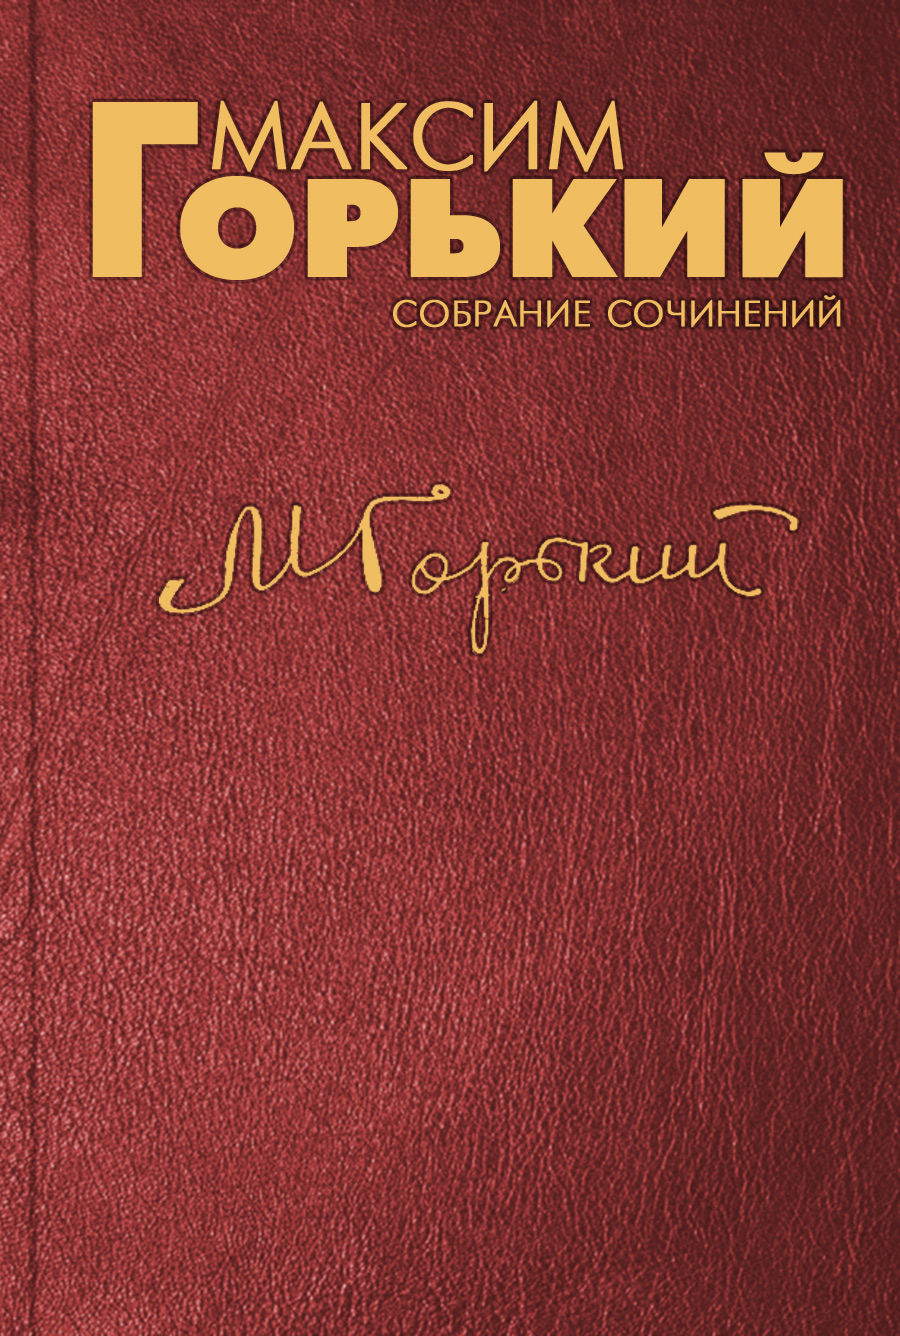 цена на Максим Горький По поводу одной дискуссии